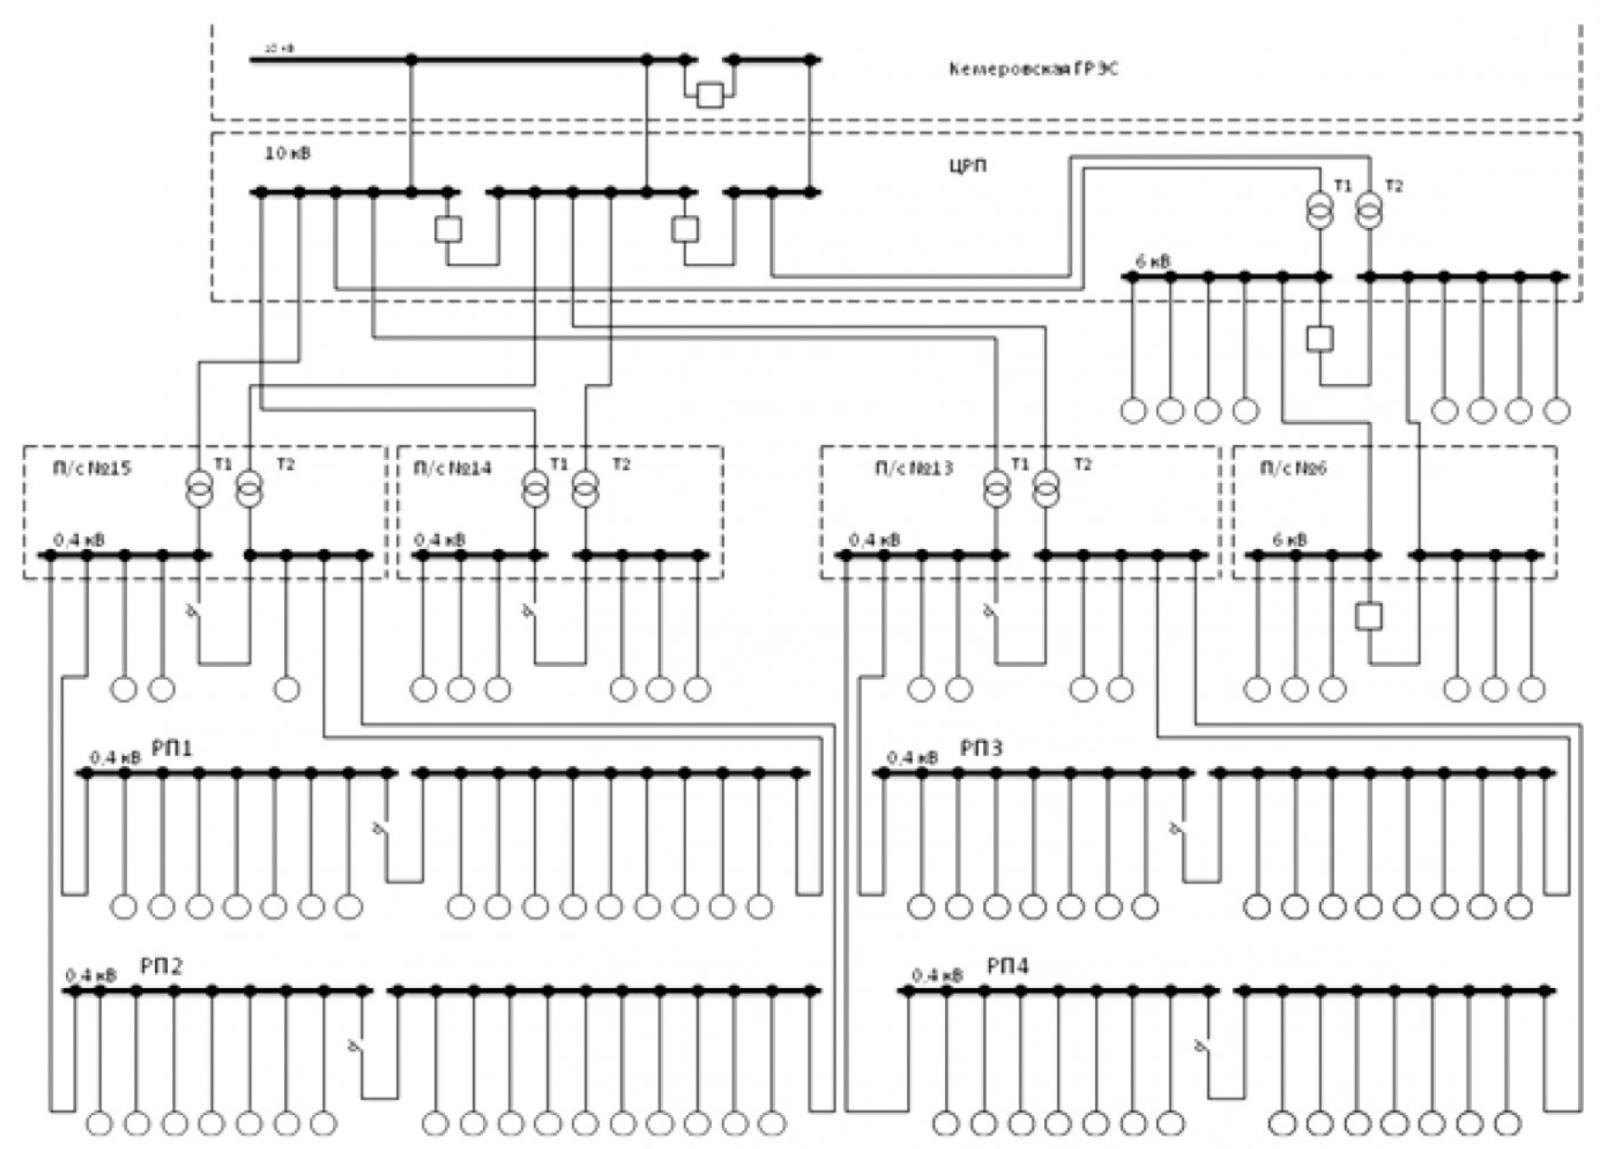 Рисунок 1 – Схема электроснабжения цехов промышленного предприятия